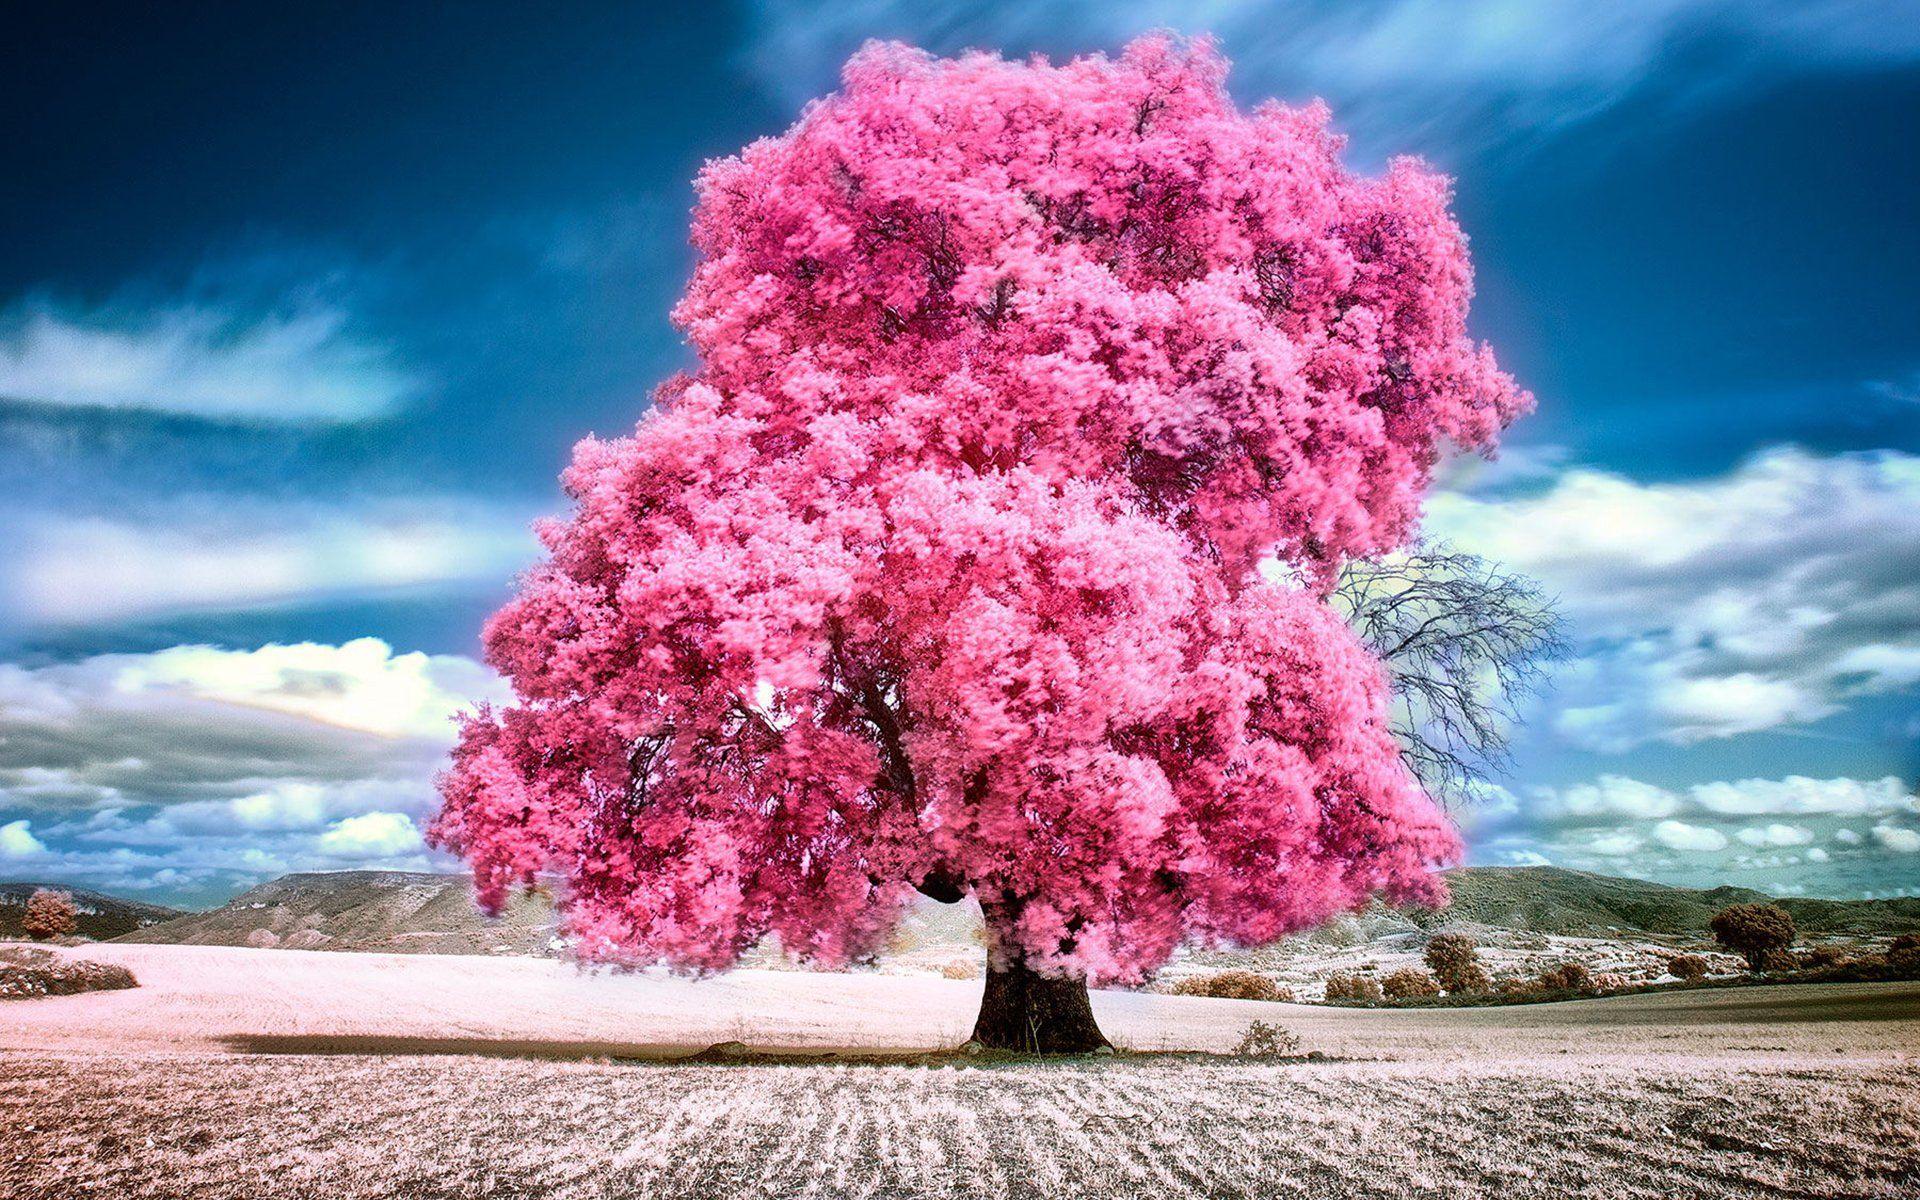 недостатки красивое цветущее дерево картинки роскошь созерцать красоту